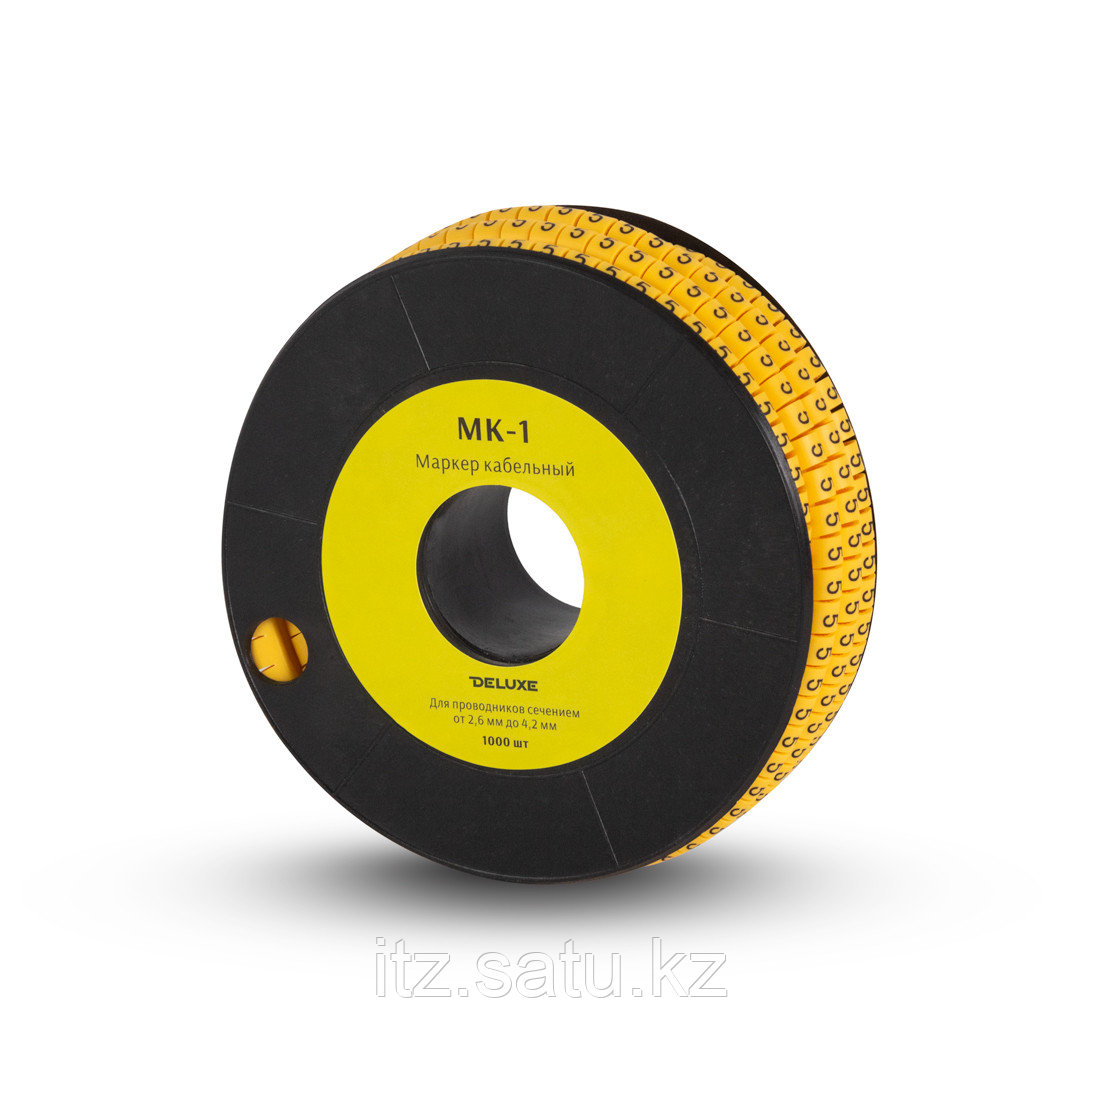 """Маркер кабельный Deluxe МК-1 (2.6-4,2 мм) символ """"1"""" (1000 штук в упаковке)"""